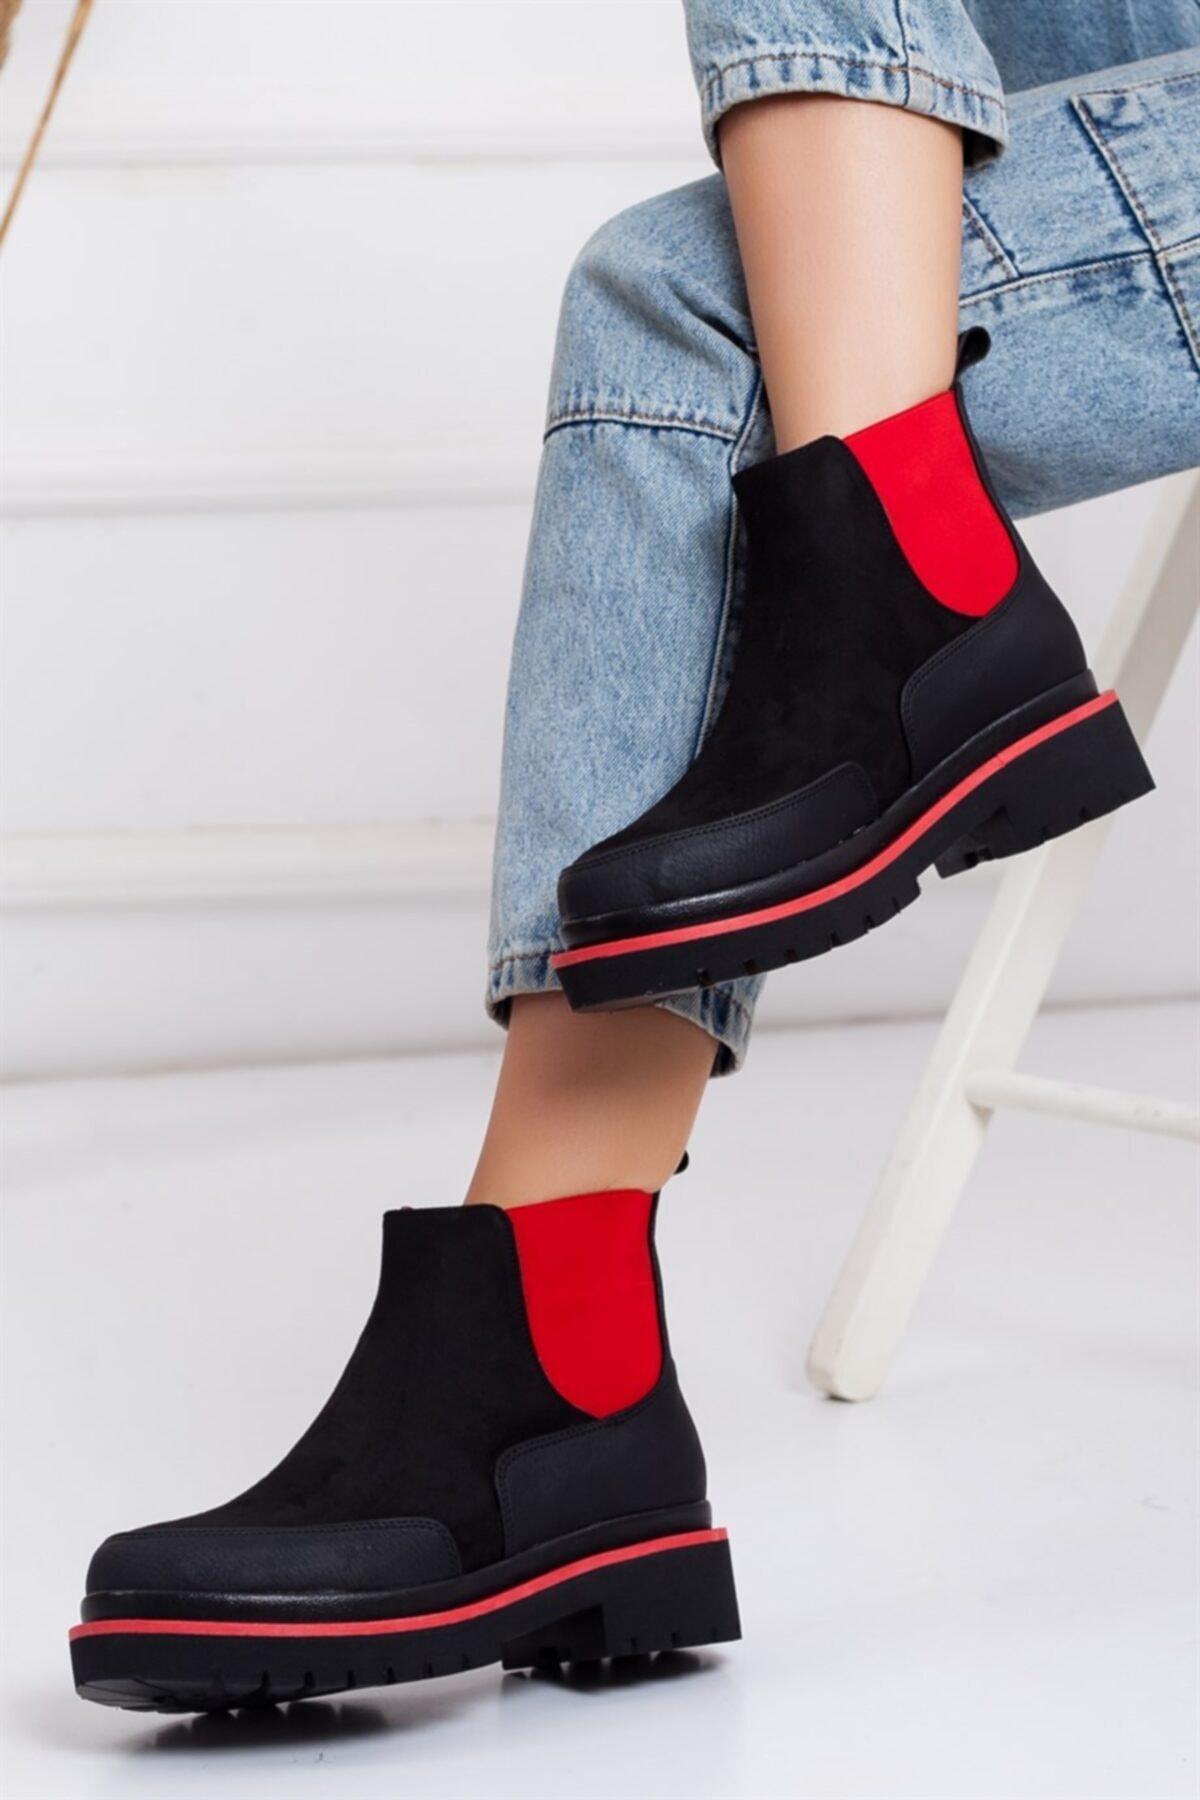 Lovita Shoes Kadın Siyah Kırmızı Süet Bot